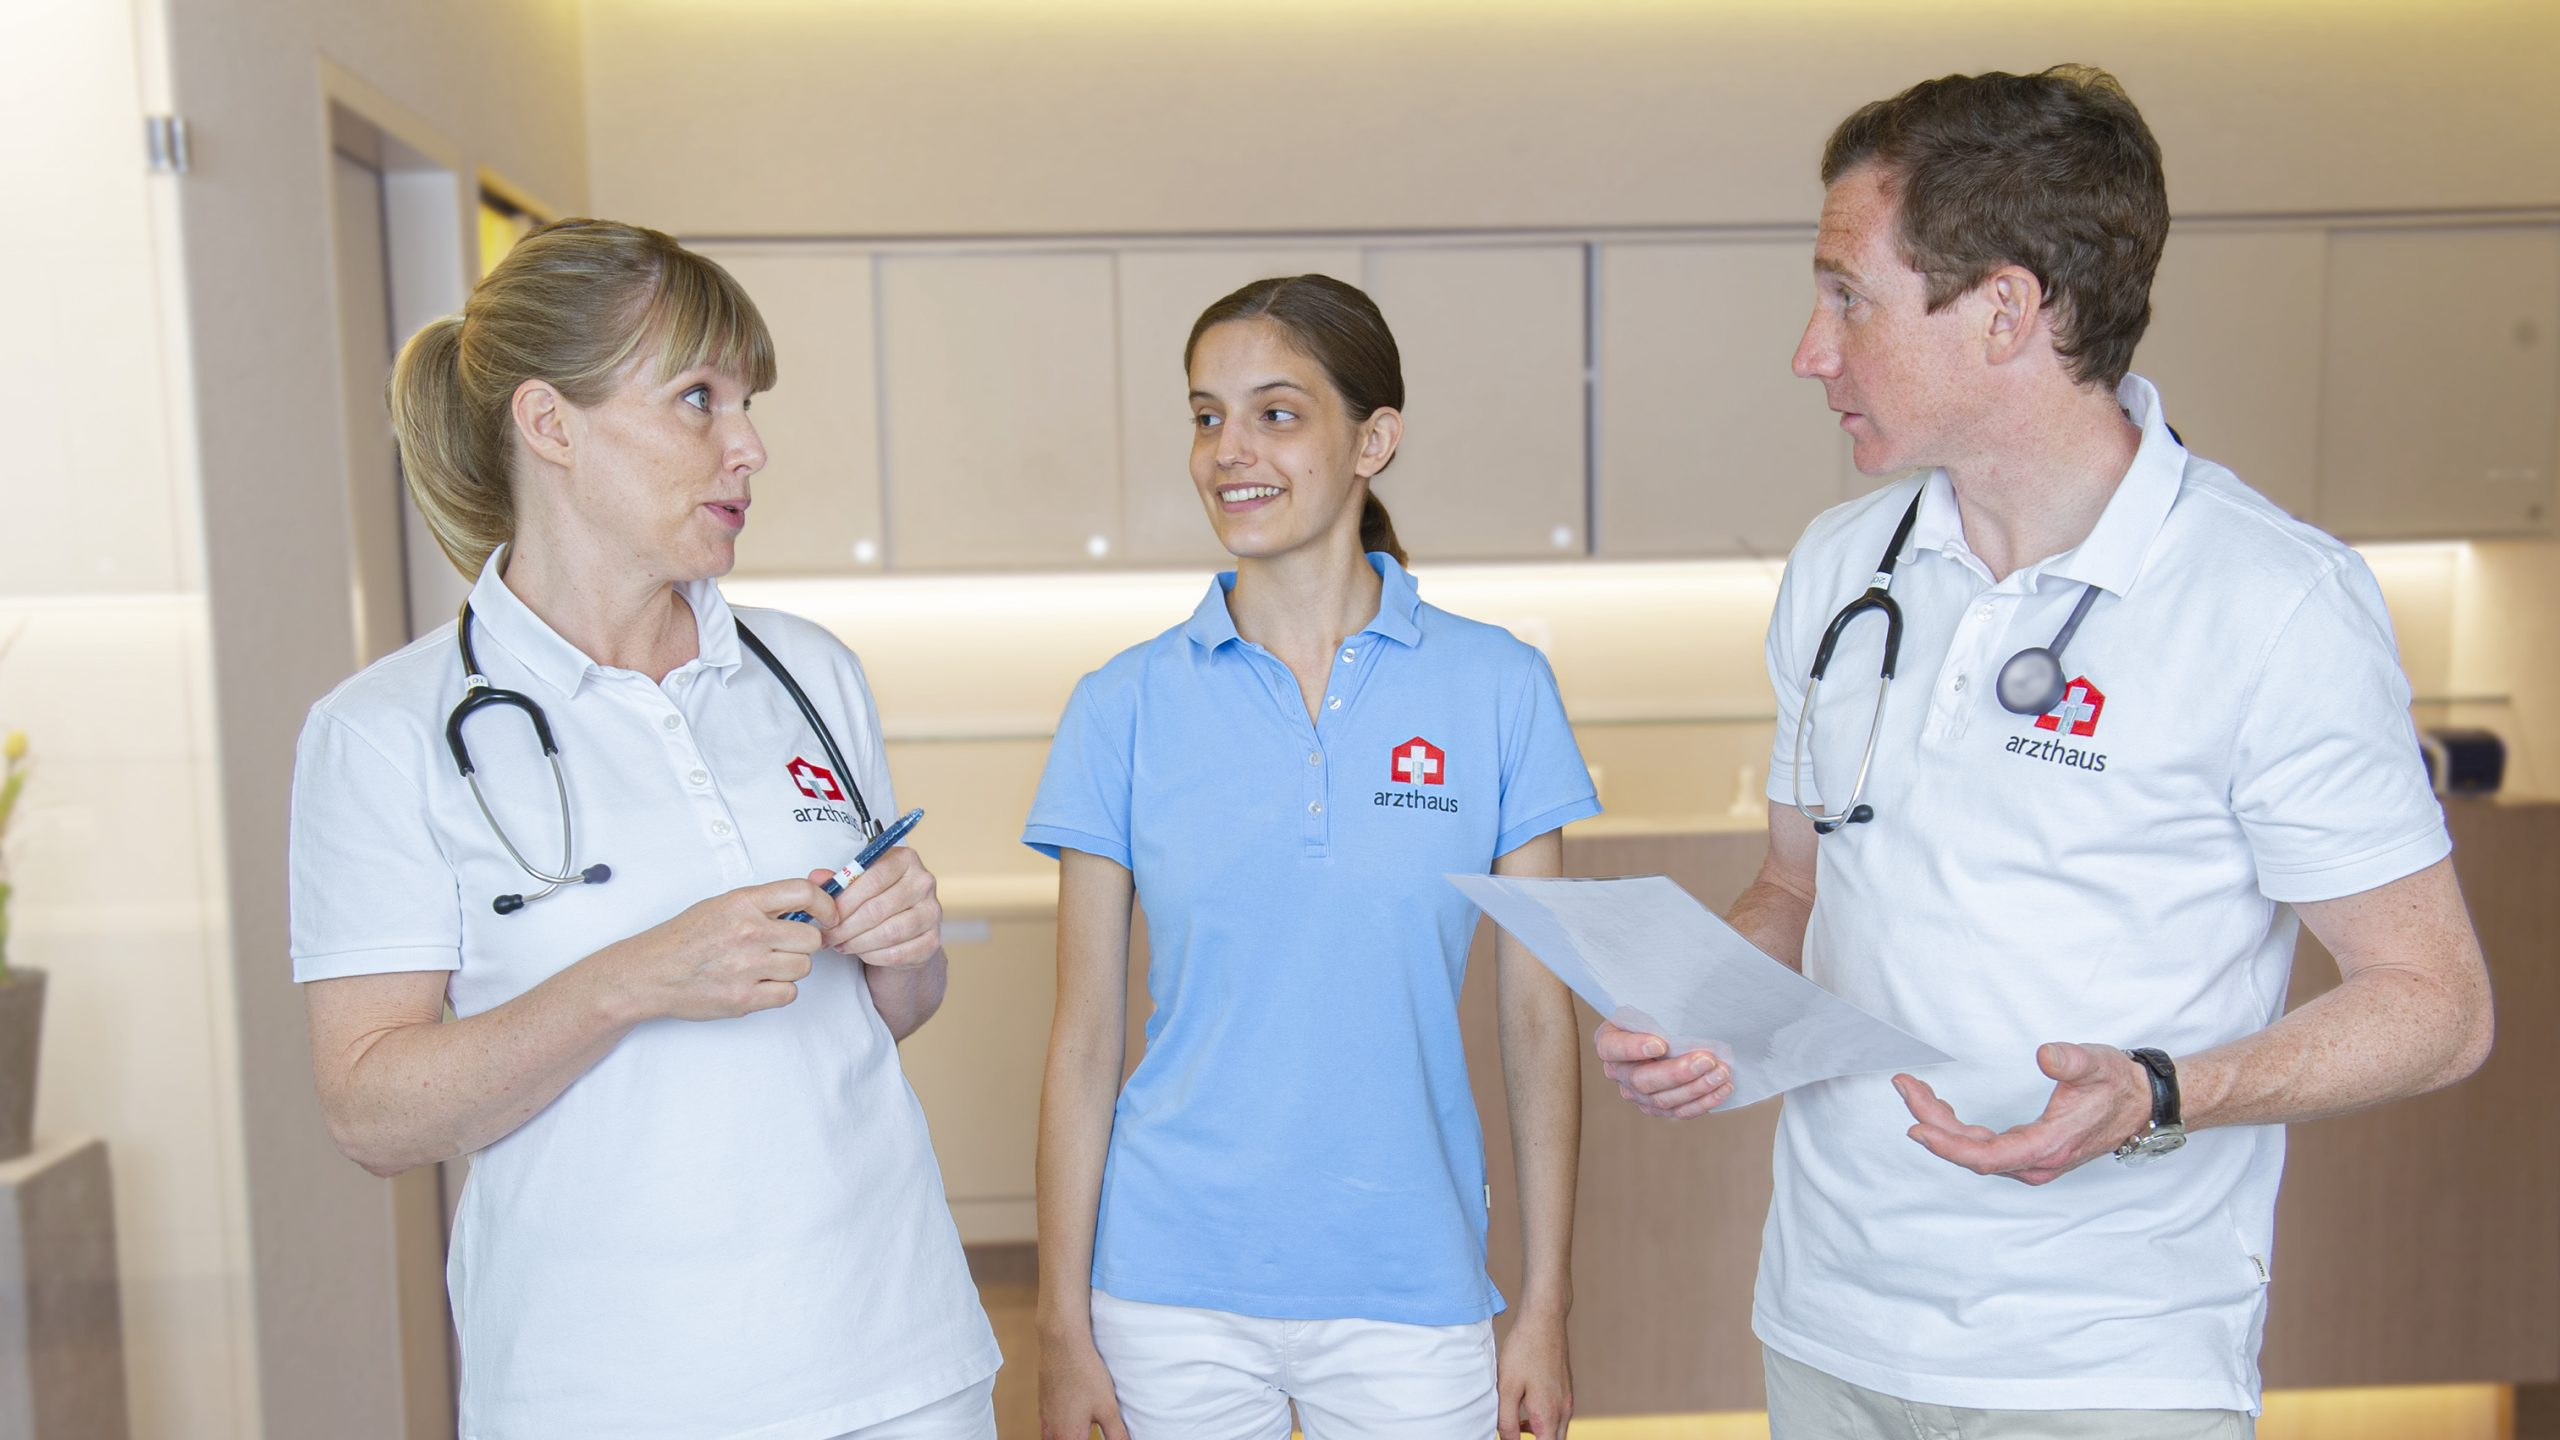 Zwei Ärzte und MPA, die zusammen sprechen